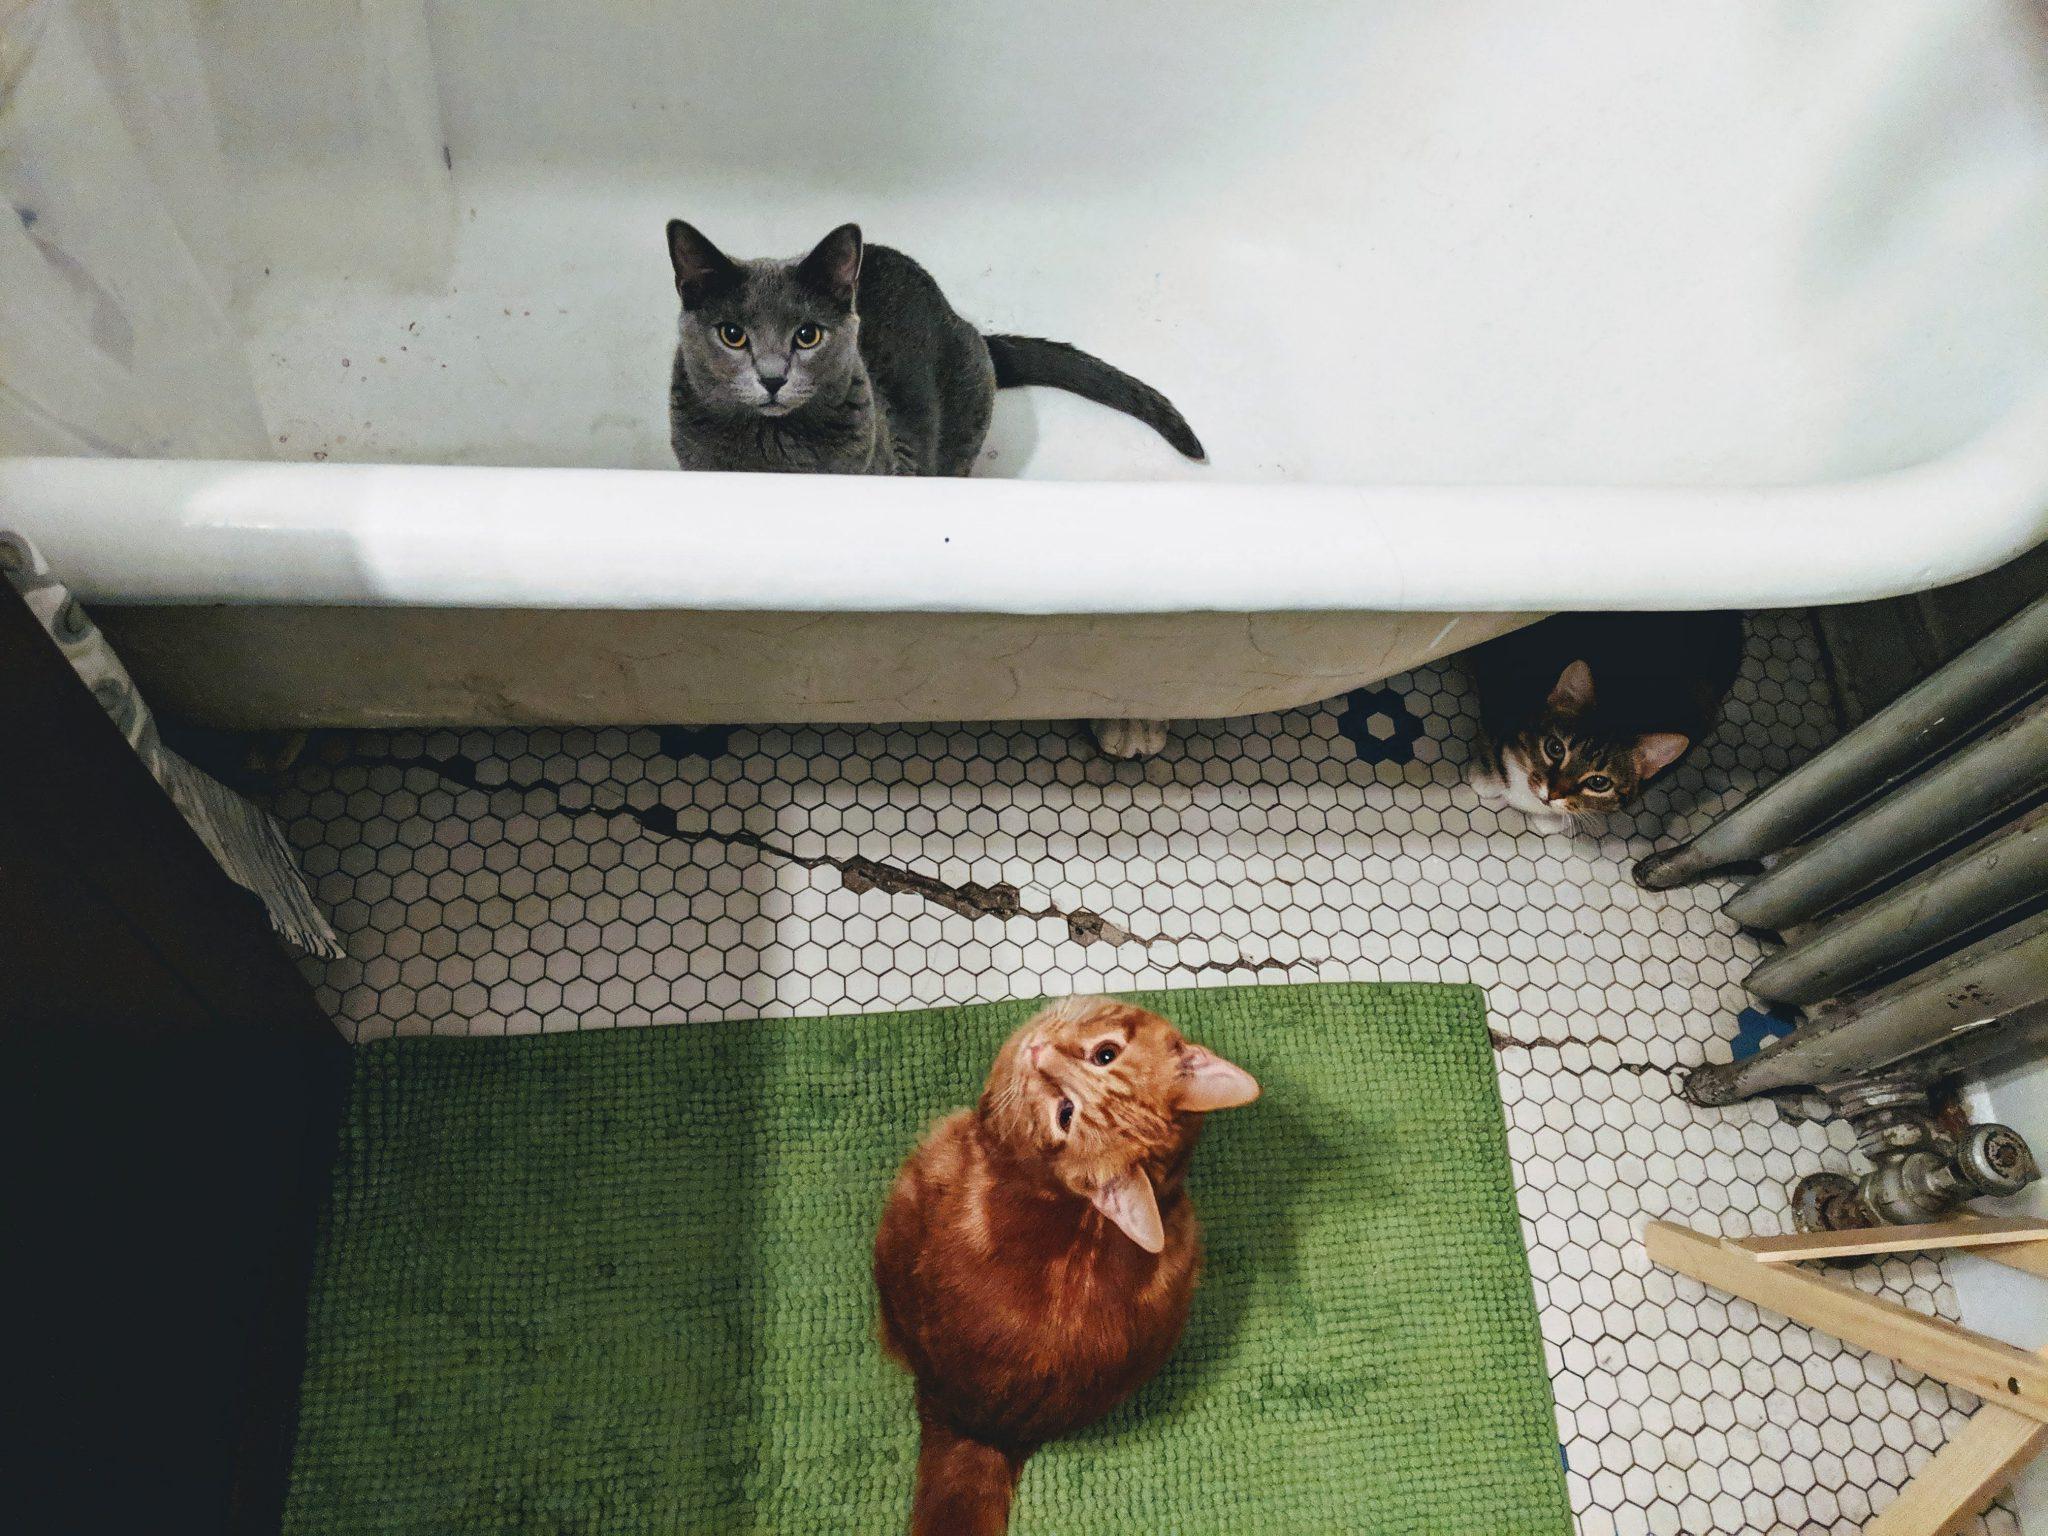 화장실 따라오는 고양이